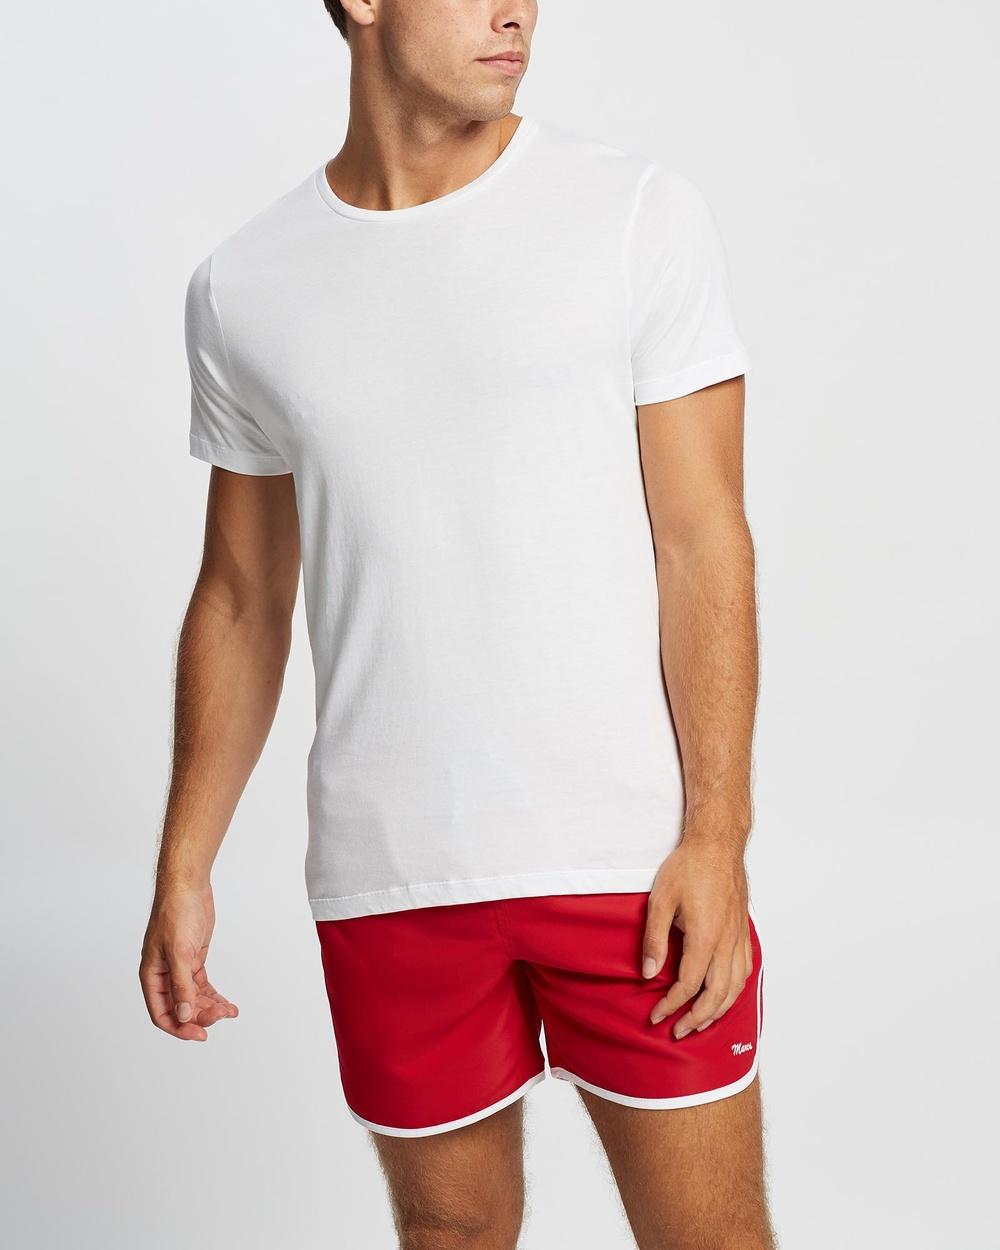 Marcs Brando Pima Tee T-Shirts & Singlets WHITE  Australia